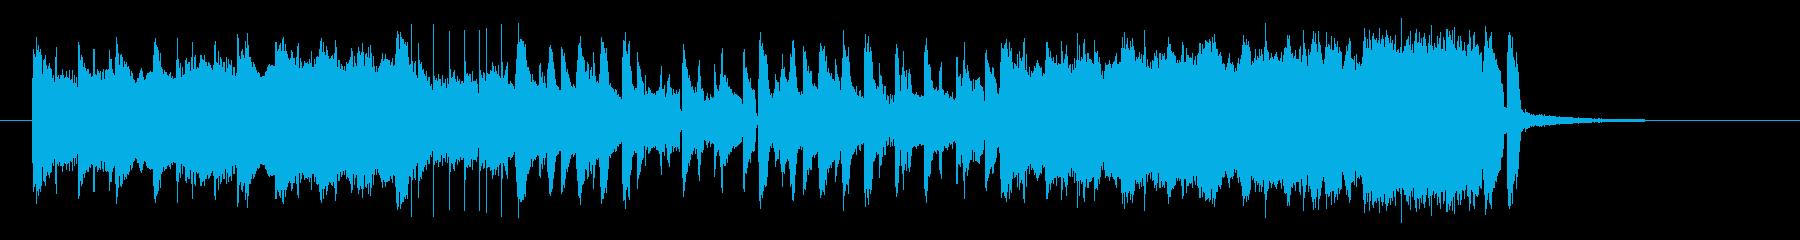 陽気なトランペットポップスの再生済みの波形